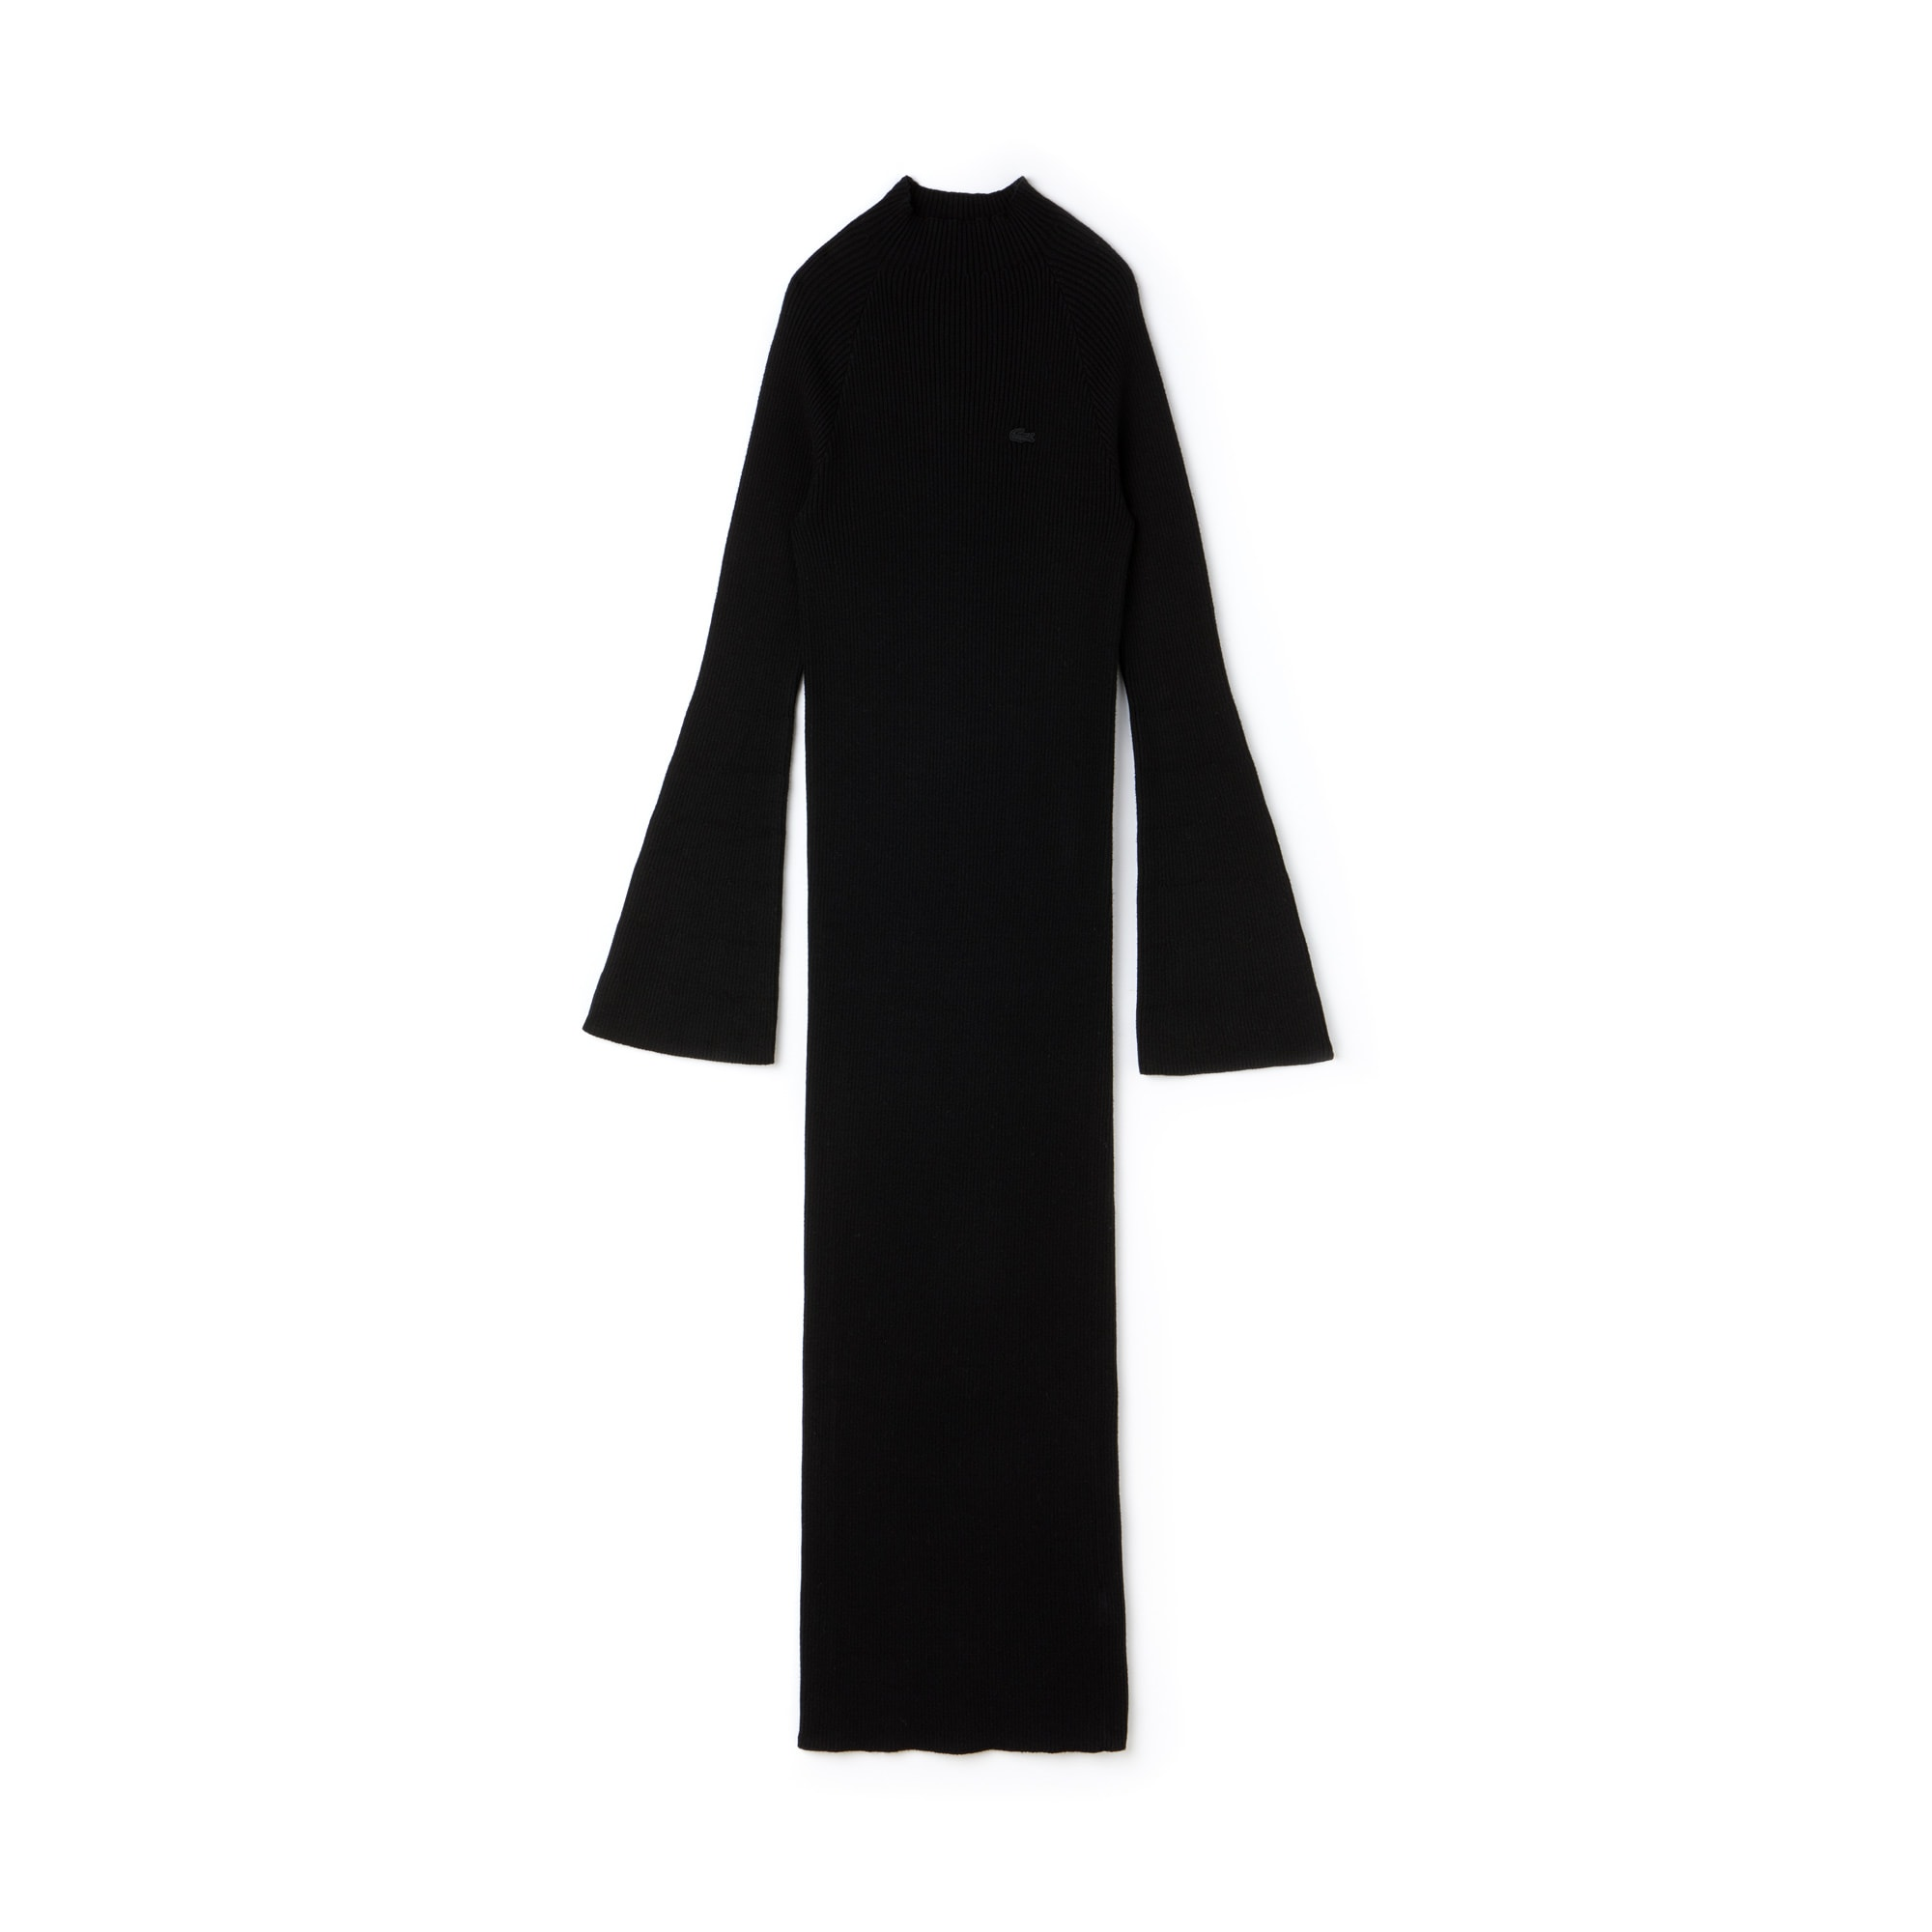 Lacoste LIVE系列贴身罗纹棉和羊绒混纺女士裙装